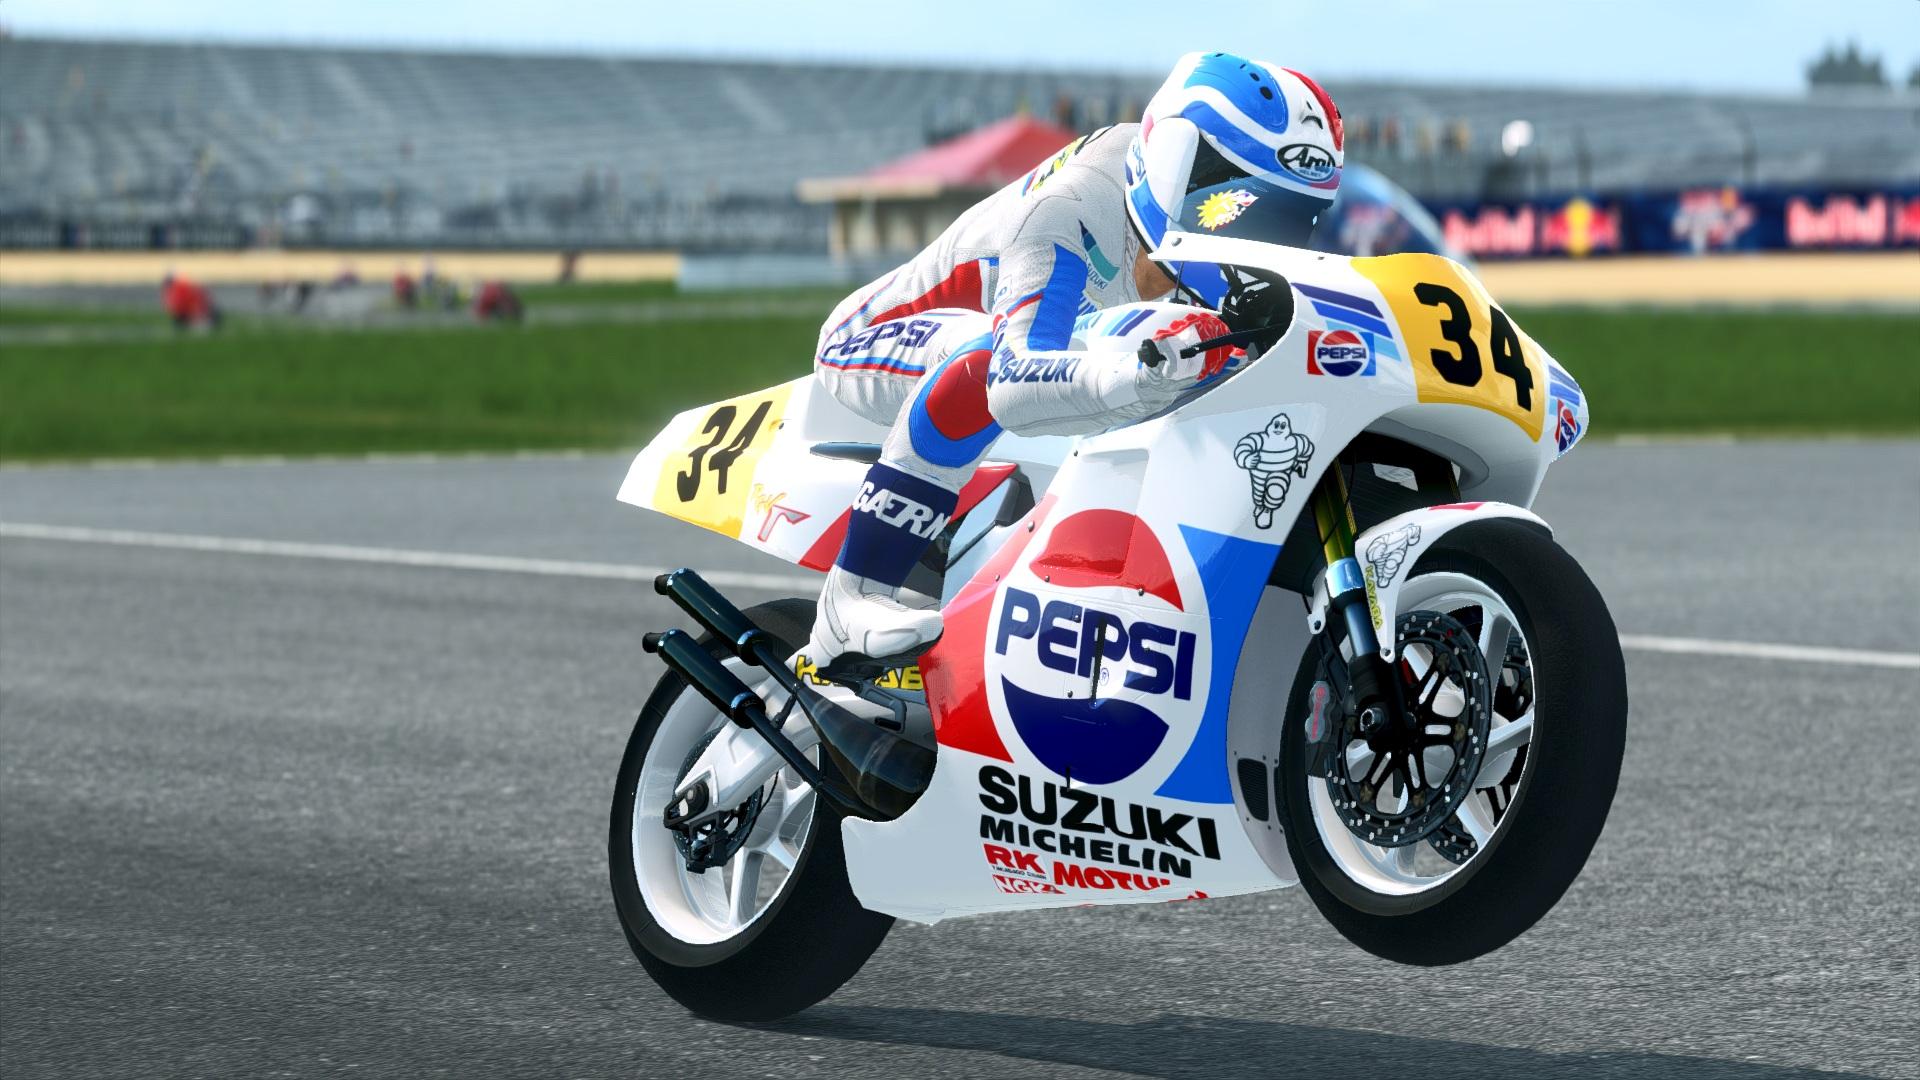 MotoGP14X64.exe_DX11_20140817_232327.jpg